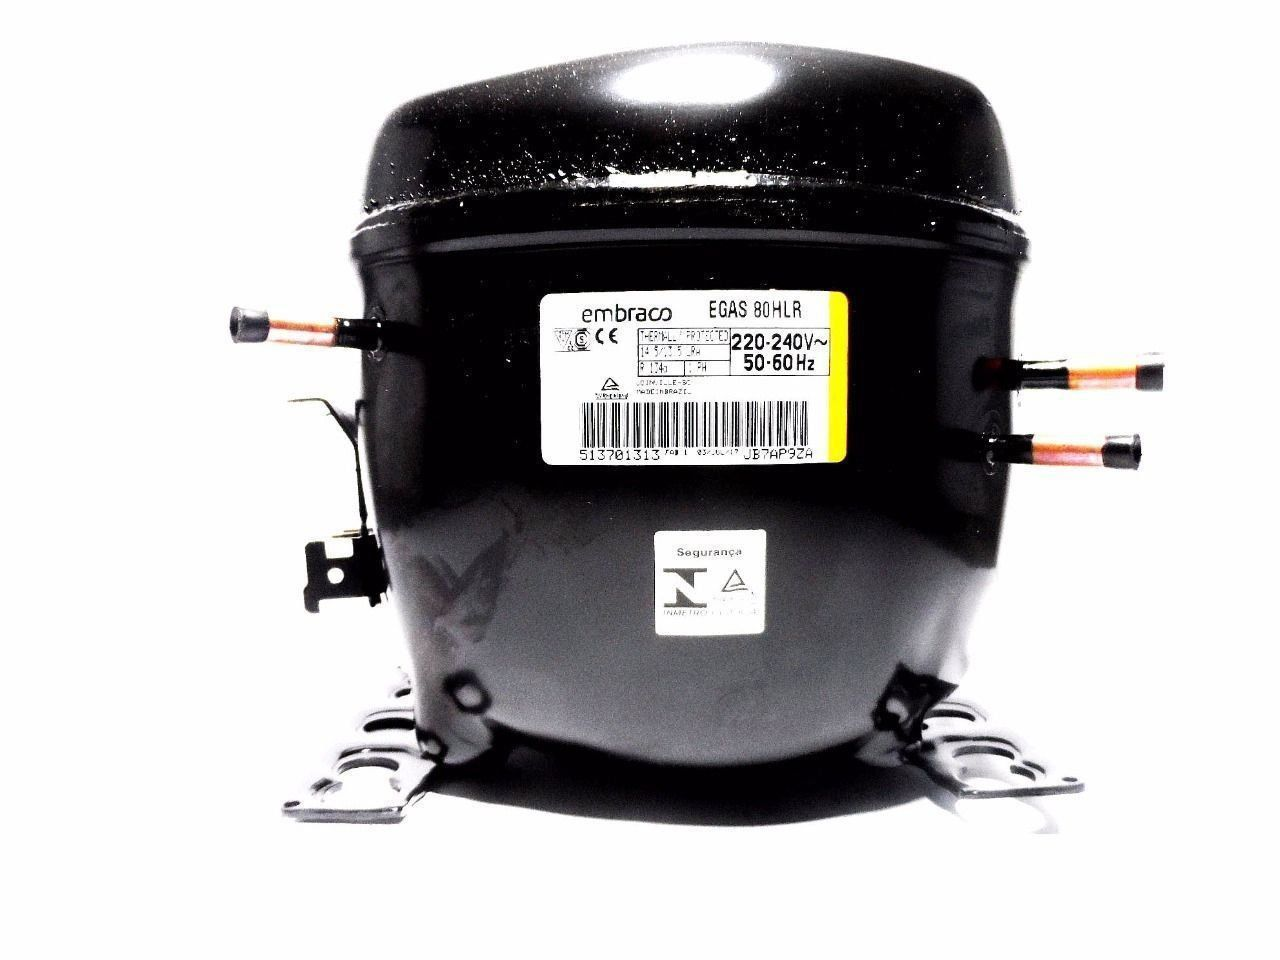 Motor Compressor Embraco 1/4+ 220V R134A Geladeira EGAS80HLR W10393812